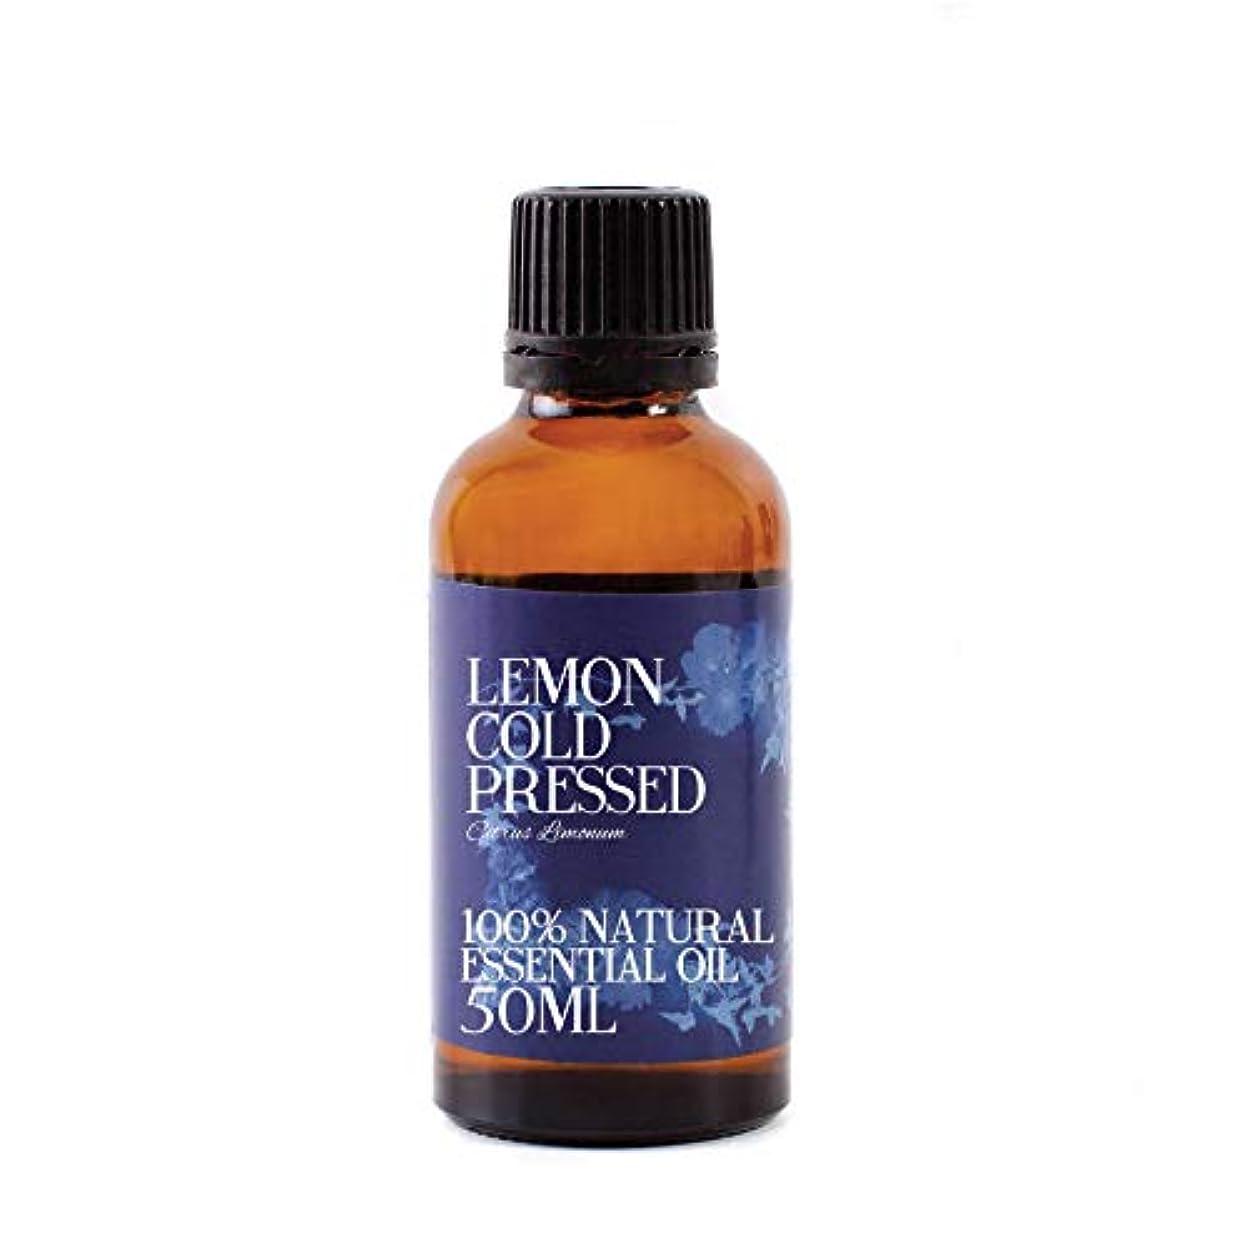 反対した復活する区別Mystic Moments | Lemon Cold Pressed Essential Oil - 50ml - 100% Natural